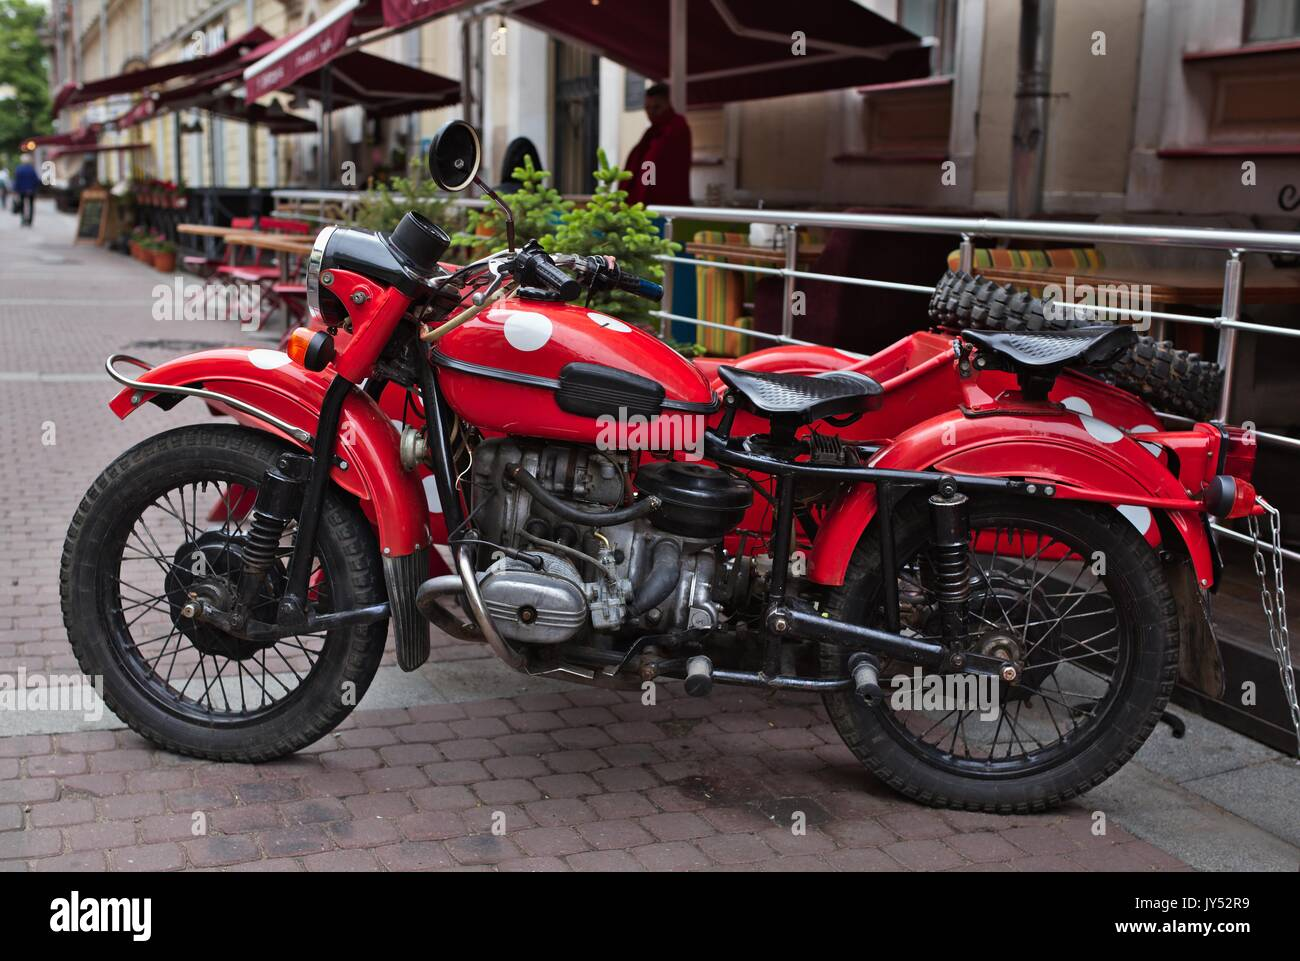 red vintage imz ural motorrad mit seitenwagen stockfoto bild 154390637 alamy. Black Bedroom Furniture Sets. Home Design Ideas